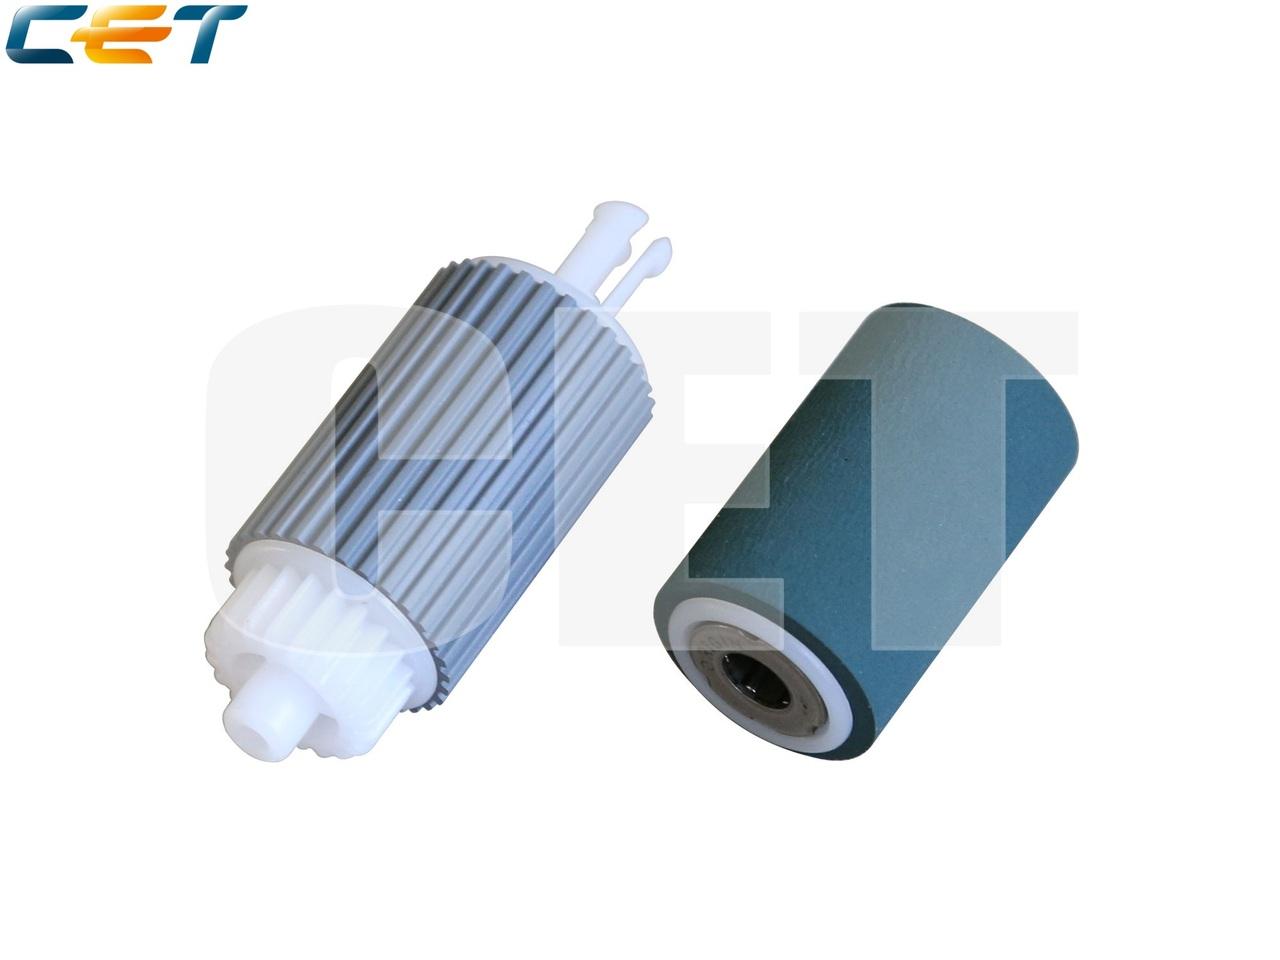 Комплект роликов NROLR0055QSZ1, NROLR0054QSZZ дляSHARP AR-235/275 (CET), CET5705